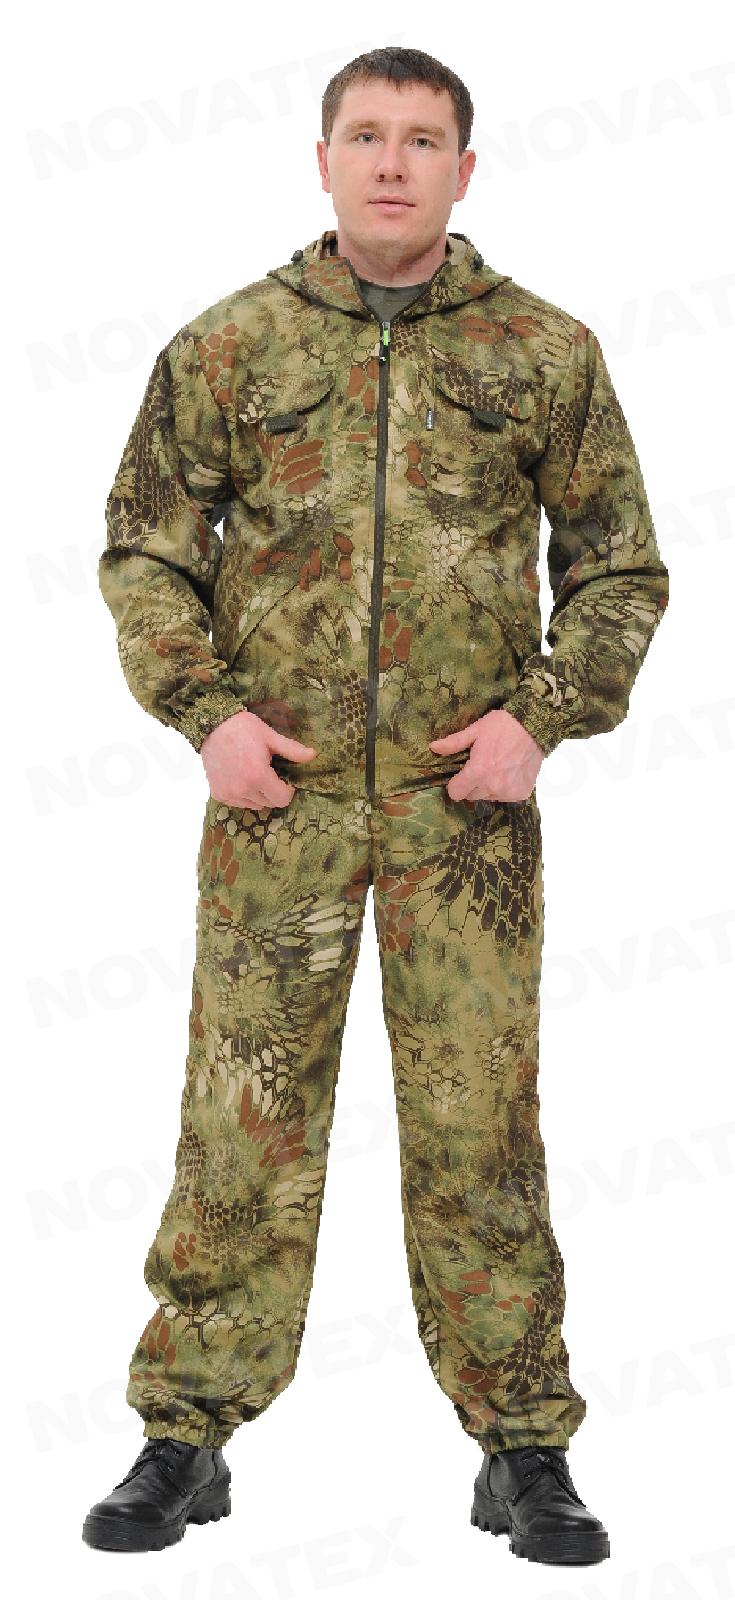 Костюм «Питон» (смесовая, питон) КВЕСТ (56-58 Костюмы неутепленные<br>Костюм «Питон» (ТМ КВЕСТ) от компании Novatex <br>относится к линейке летних универсальных <br>костюмов. Для пошива используется легкая <br>смесовая ткань, в состав которой входитхлопок <br>и полиэстр. Костюм «Питон» состоит из укороченной <br>куртки и брюк. Благодаря содержанию полиэстра <br>костюм отлично держит форму, не мнется и <br>обладает повышенными износостойкими качествами. <br>На куртке два нагрудных кармана на липучке <br>и два кармана с листочками. Низ куртки частично <br>собран на резинку. Капюшон утягивается <br>по овалу лица. Брюки прямого кроя. Низ брюк <br>и талия собраны на резинку, и дополнительно <br>имеются шлевки под ремень. Два косых кармана. <br>Костюм «Питон» - отличный выбор для охоты, <br>рыбалки и активного отдыха.<br><br>Пол: мужской<br>Сезон: лето<br>Цвет: коричневый